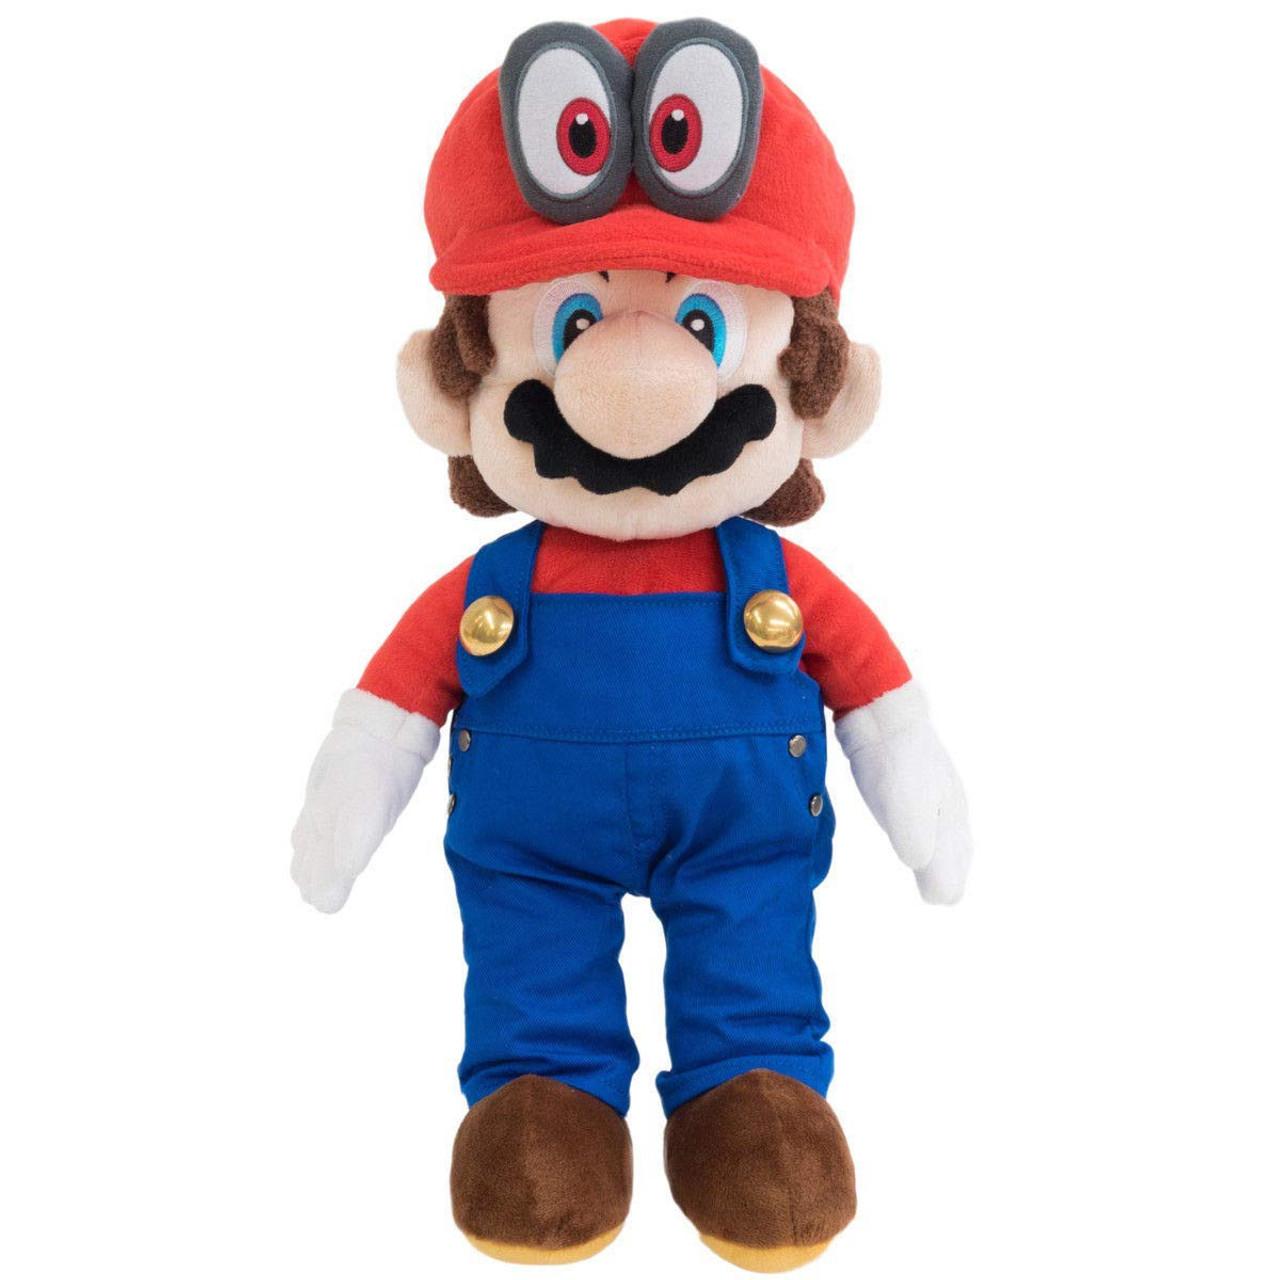 c41b8aaf1f1 Super Mario Bros Mario Odyssey 16 Plush Removable Hat San-Ei - ToyWiz